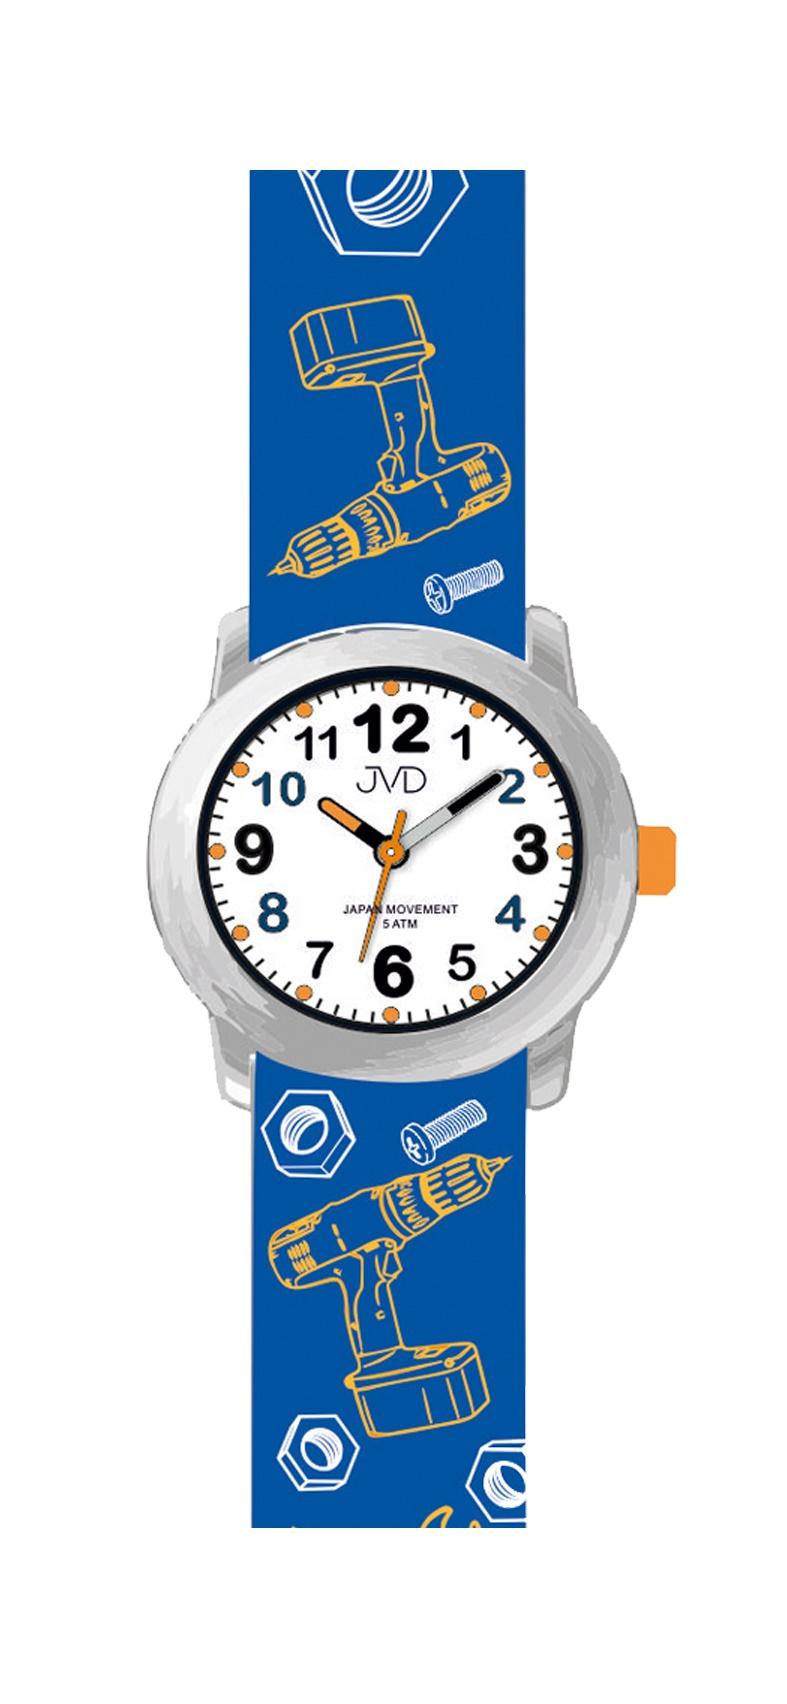 Dětské náramkové hodinky JVD J7175.2 pro dětské kutily - Glami.cz a4569a37060